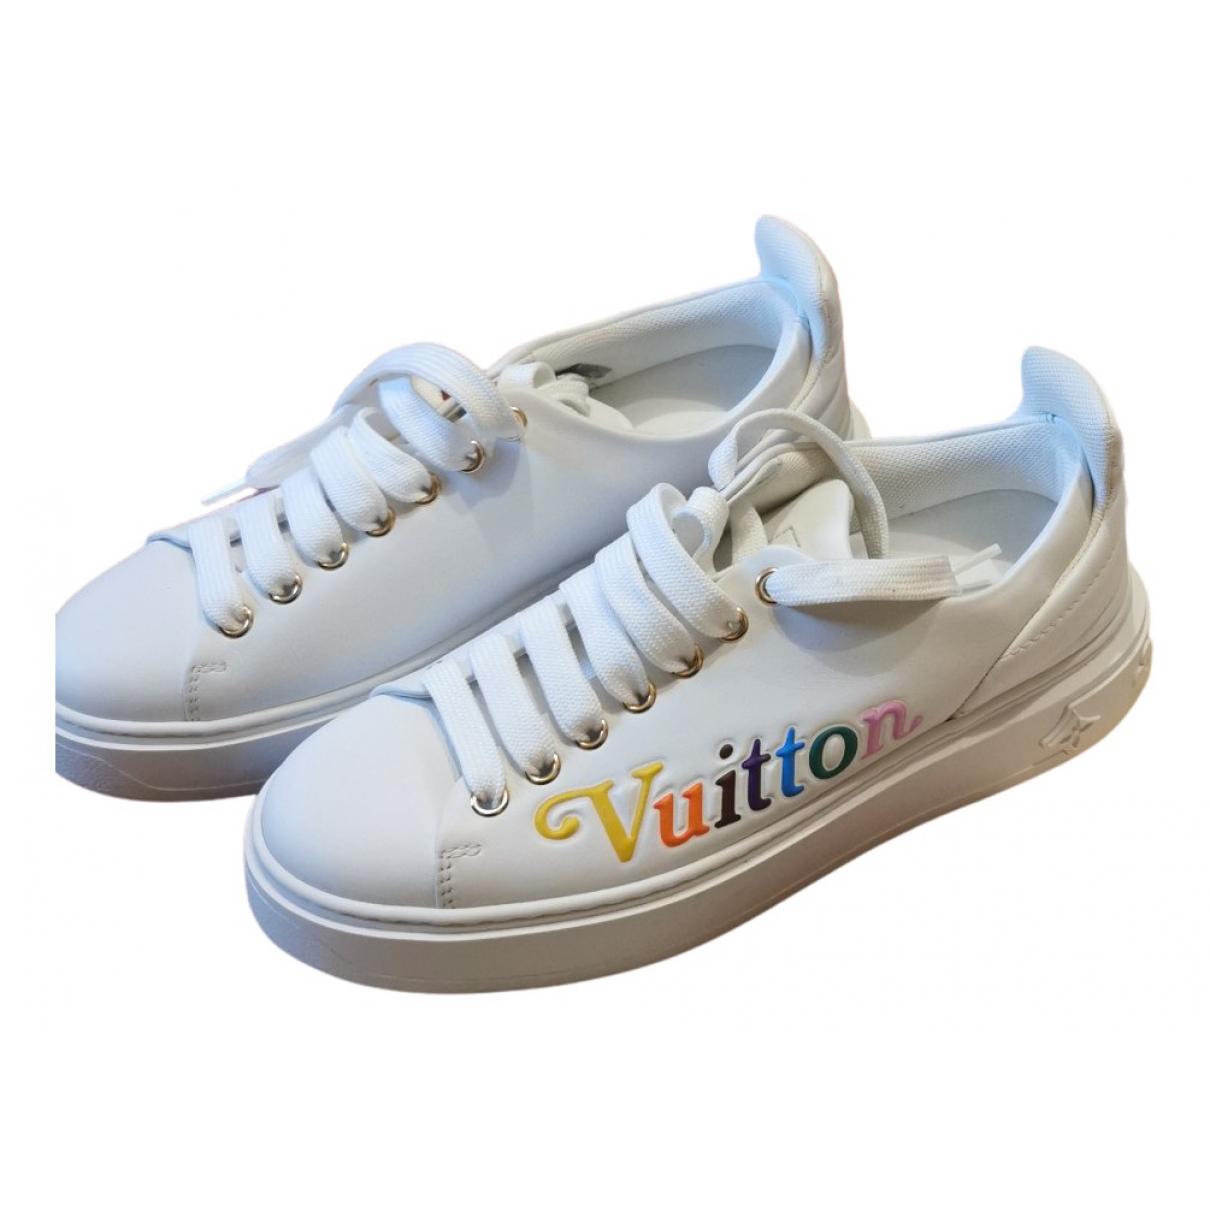 Louis Vuitton - Baskets TimeOut pour femme en cuir - blanc